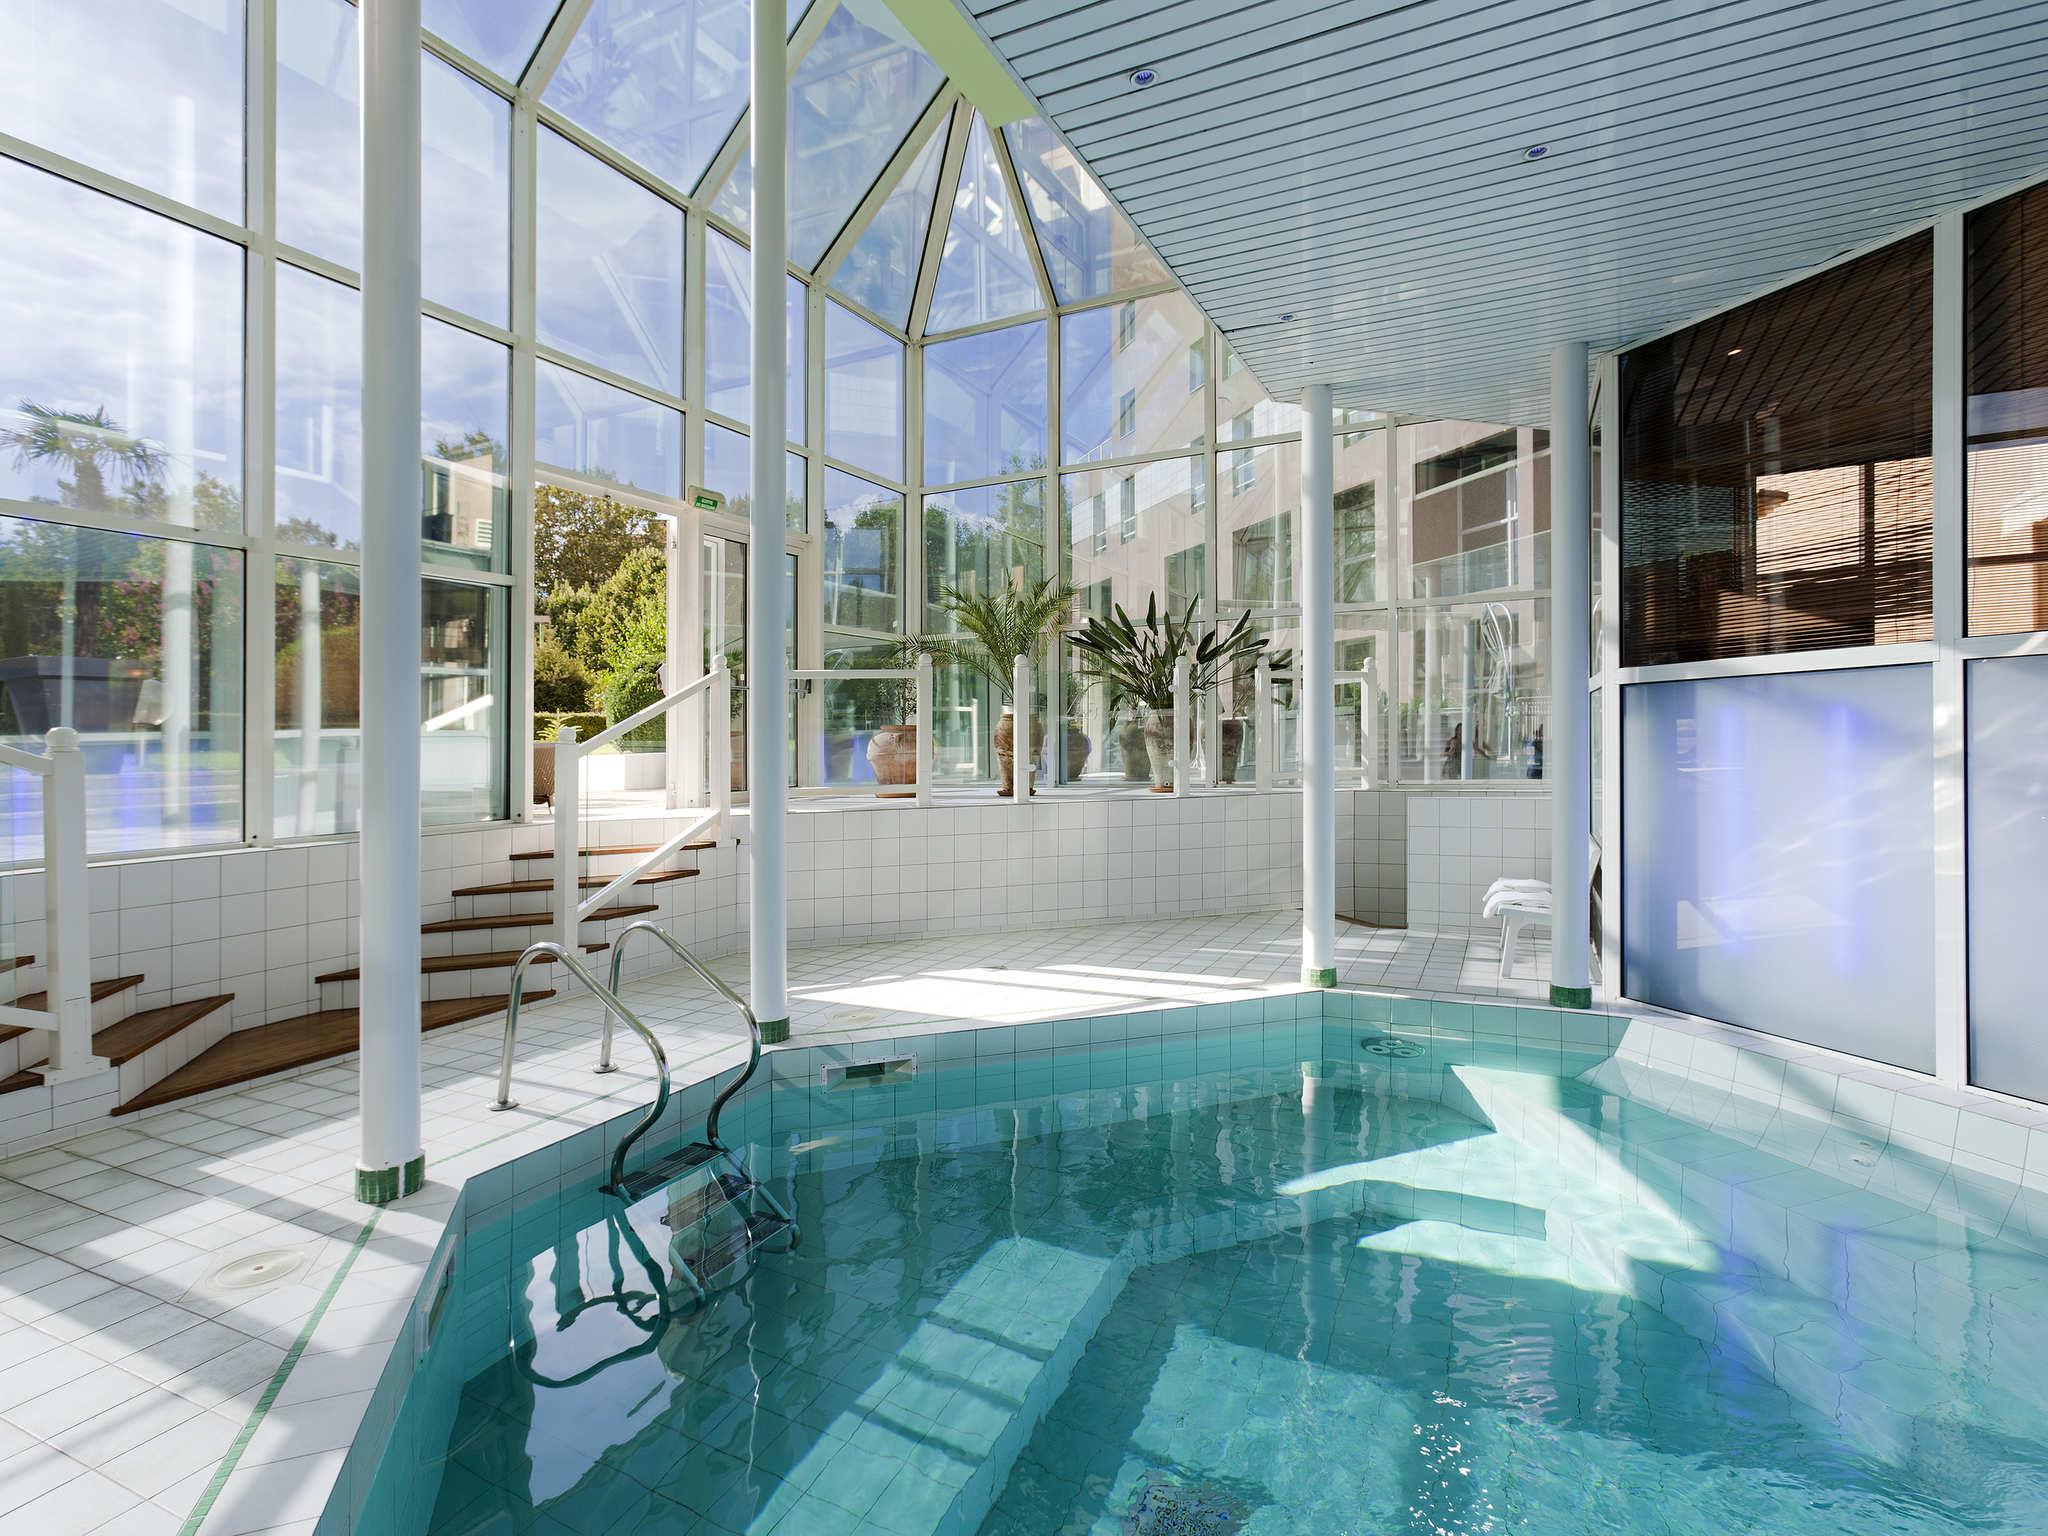 Hotel – Hotel Mercure Grenoble Centre Président